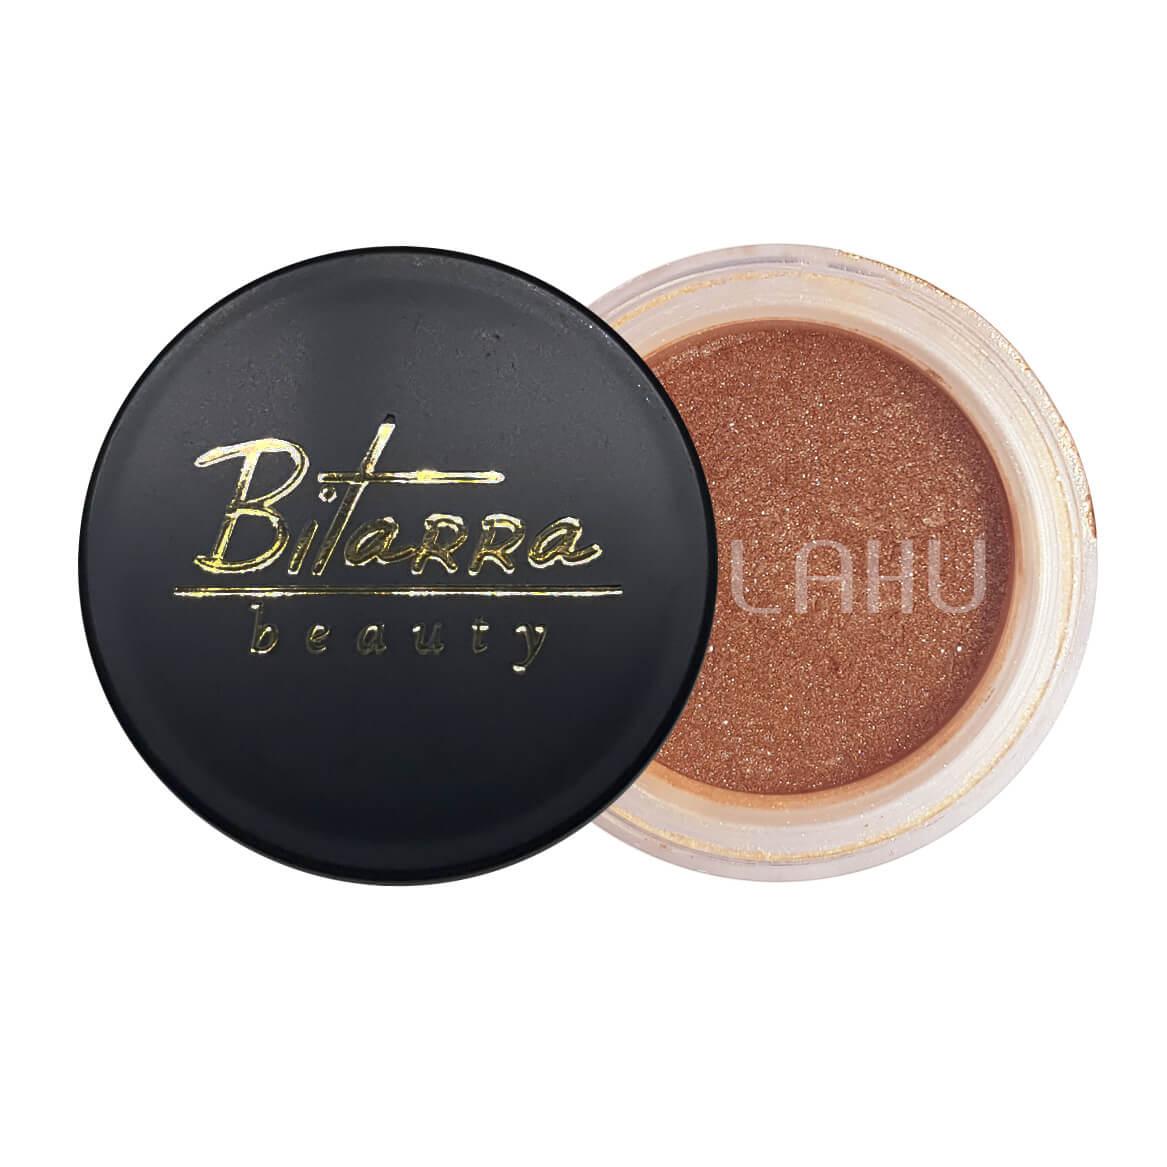 Pó Facial iluminador 01 Bitarra Beauty